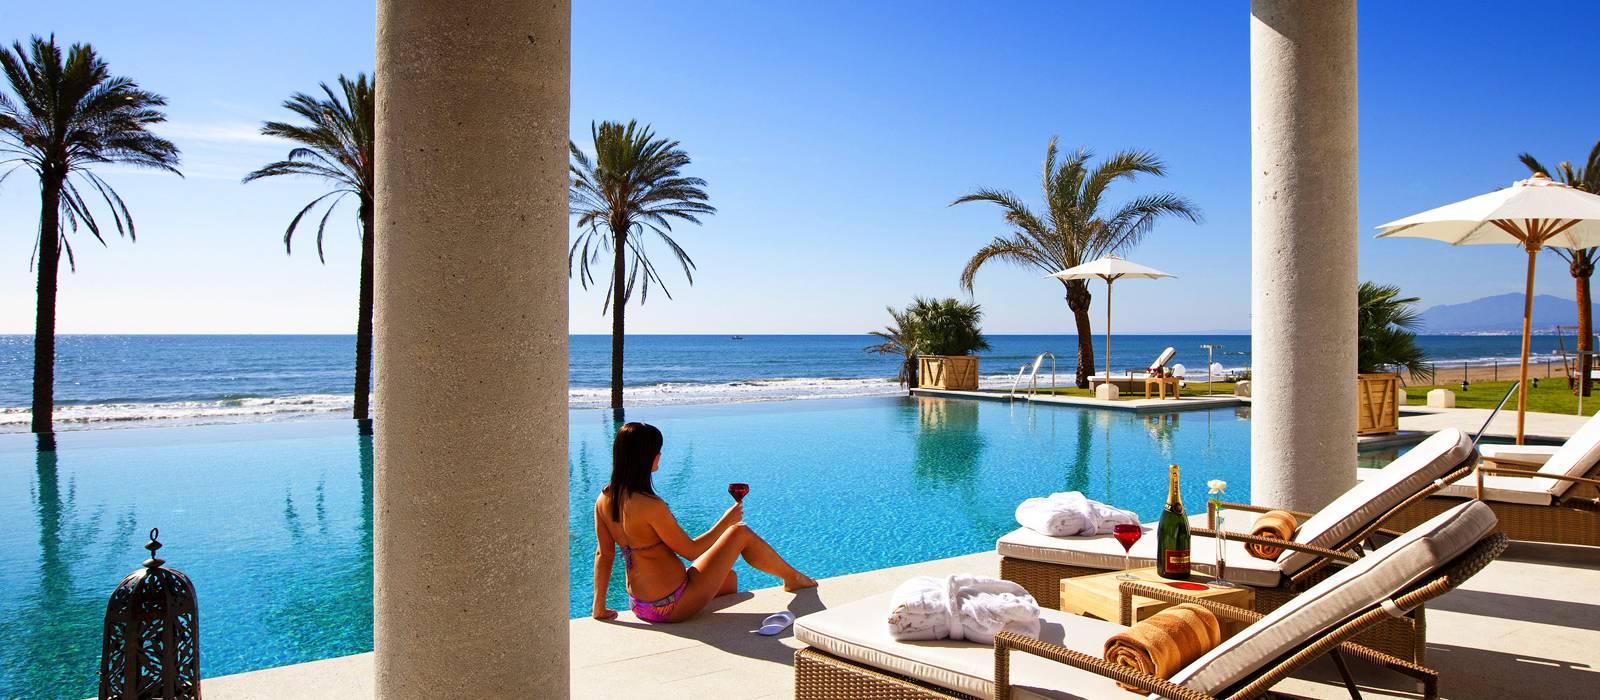 Vincci&Lux - Vincci Hotels